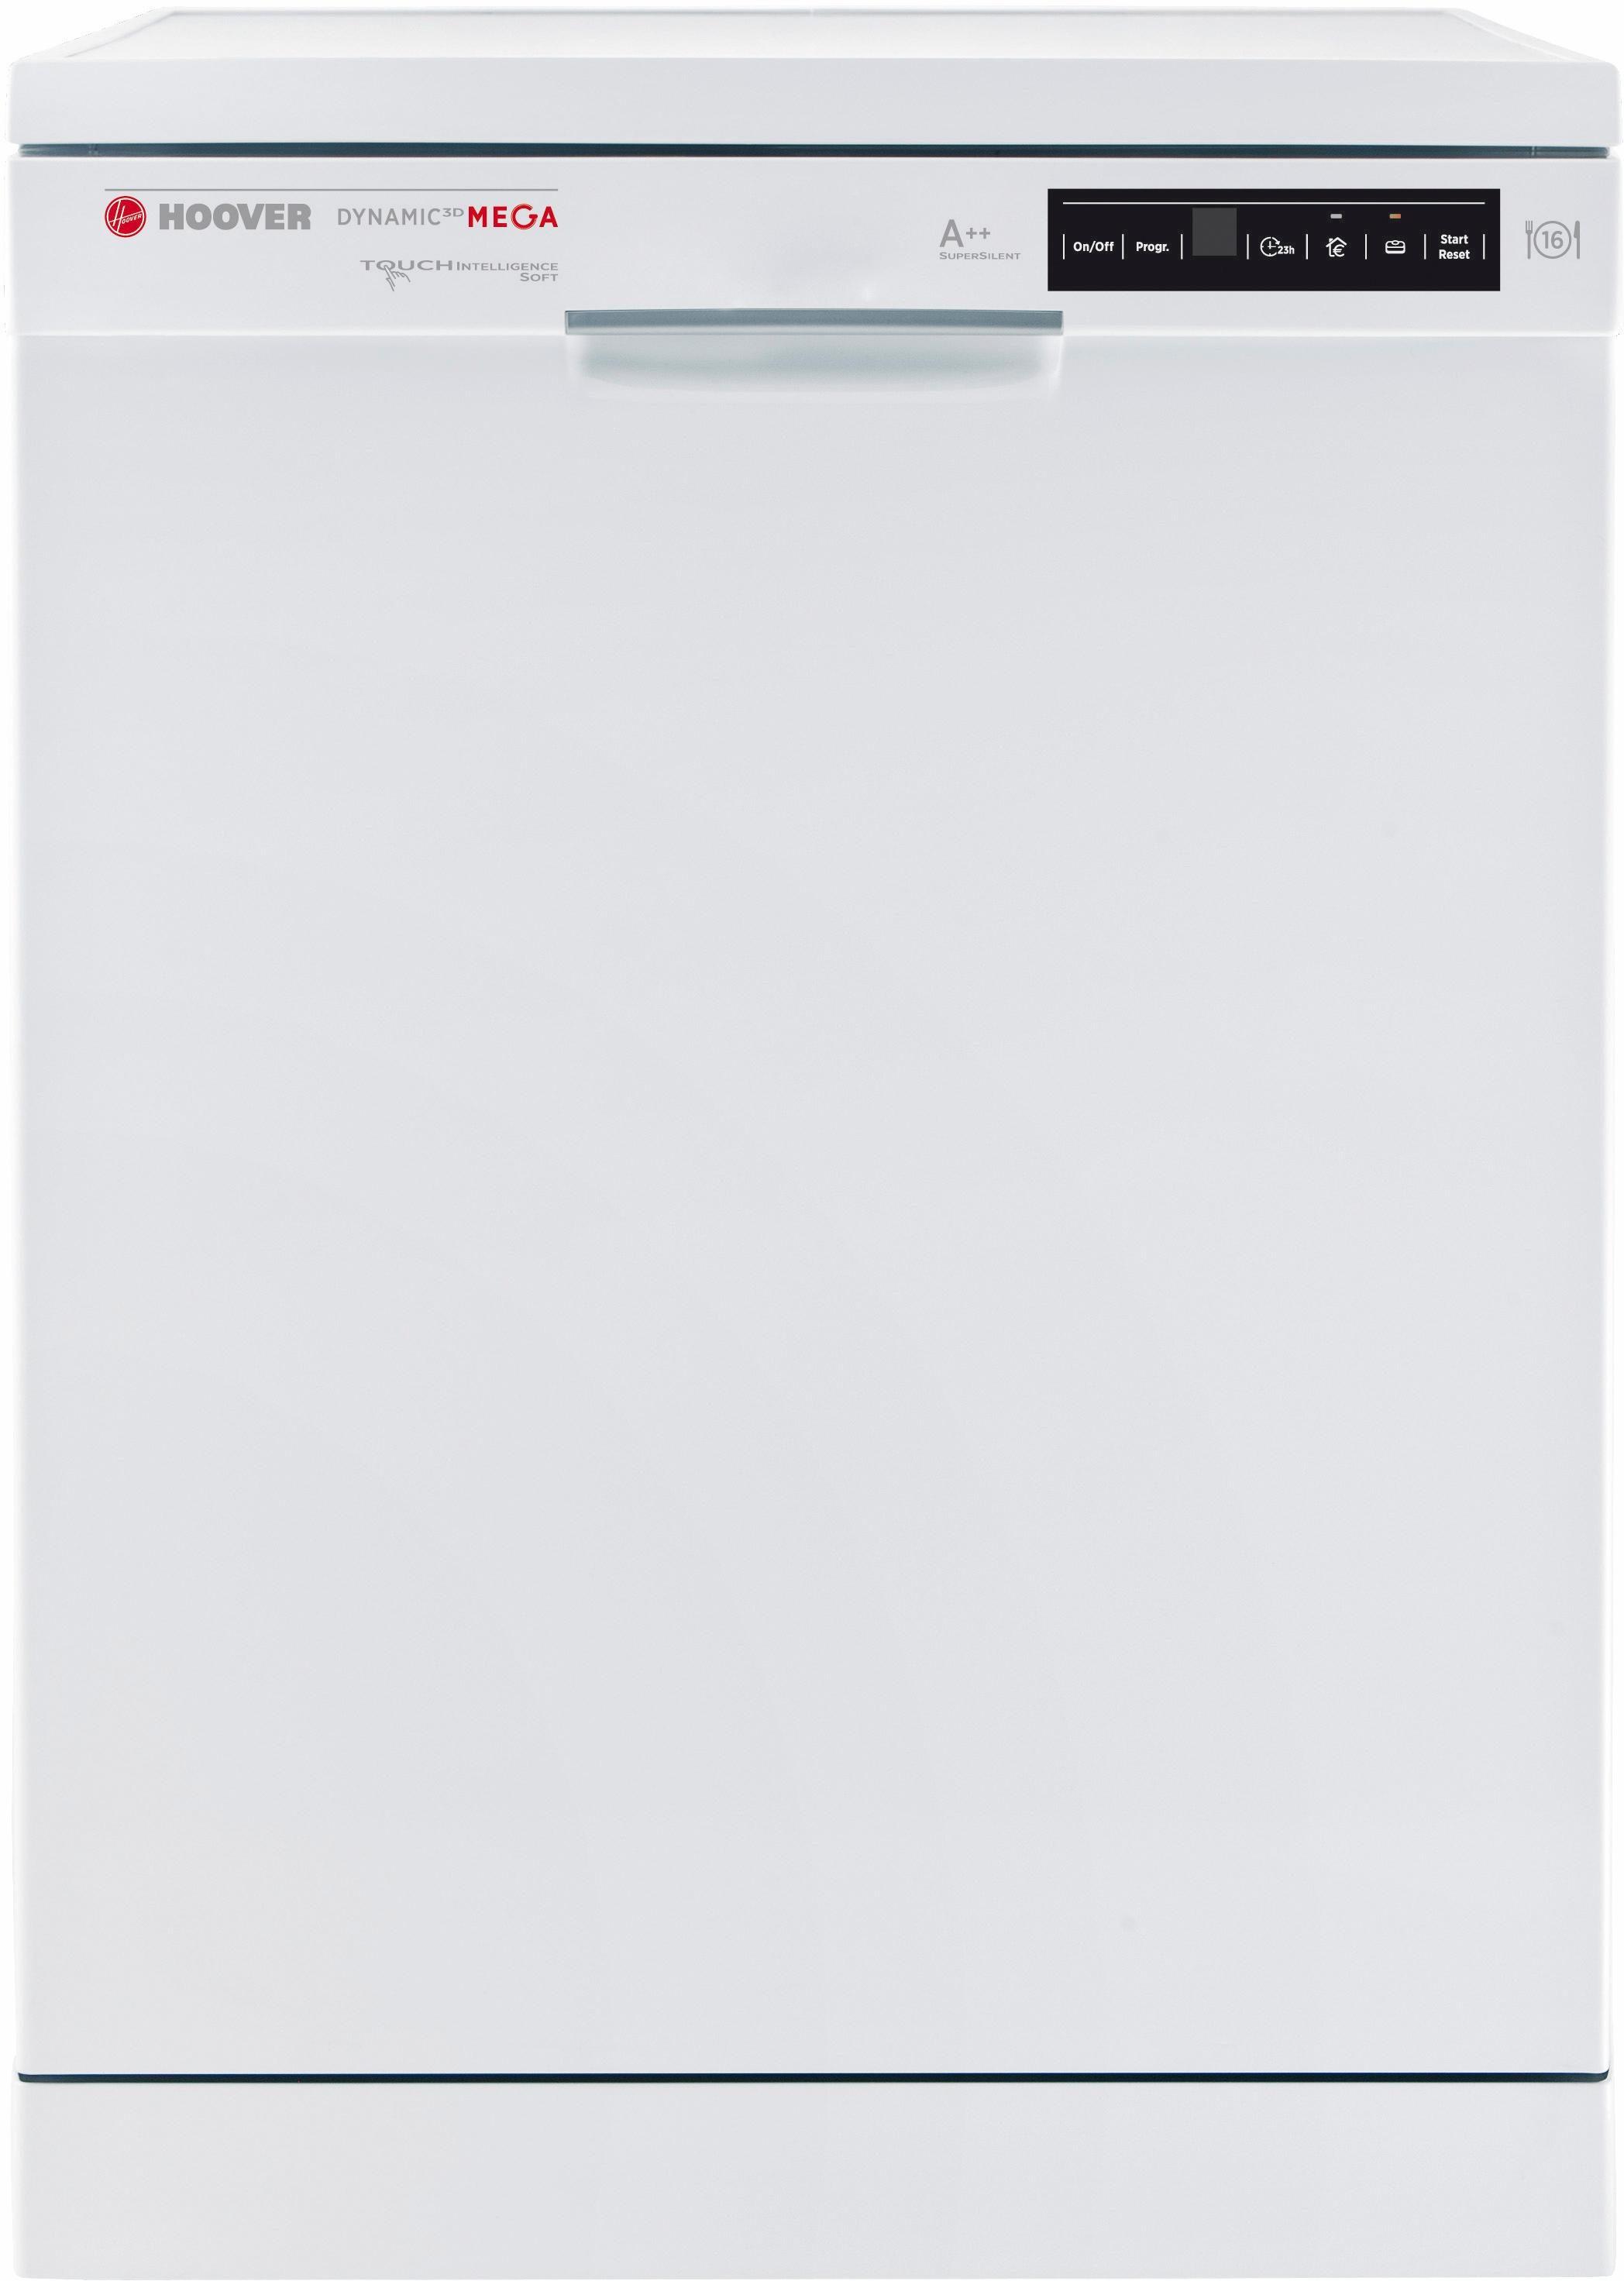 Hoover Geschirrspüler DYM 763/S, A++, 10 Liter, 16 Maßgedecke